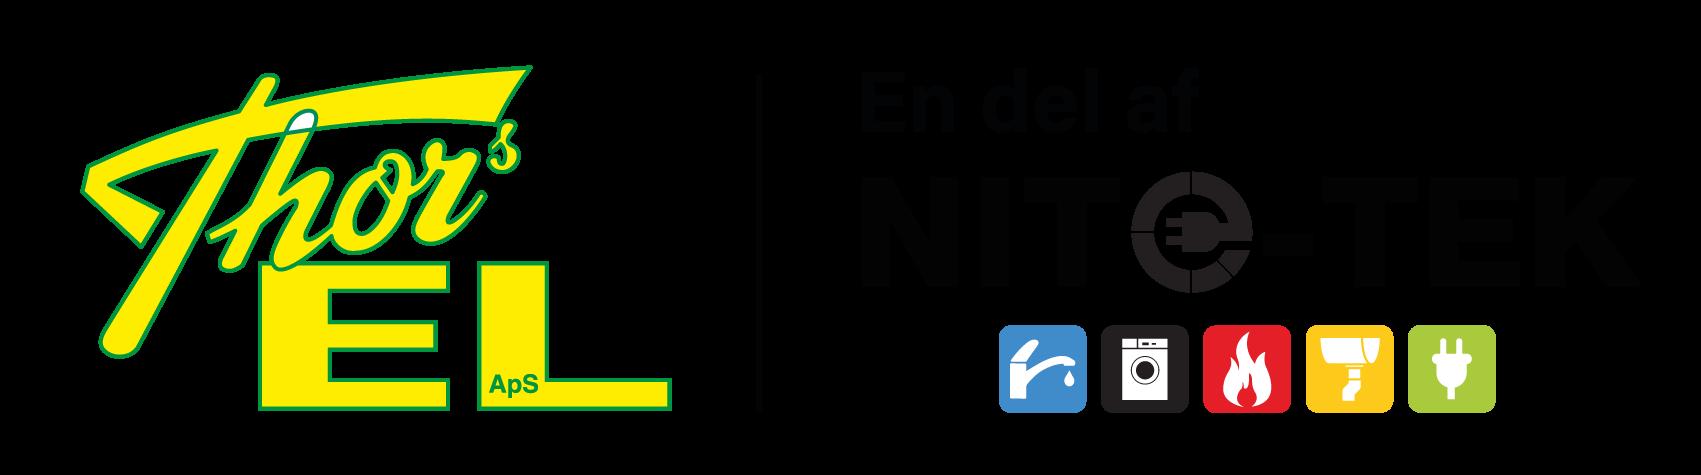 Thors El – Elektriker Ullerslev – Elektriker Langeskov Logo